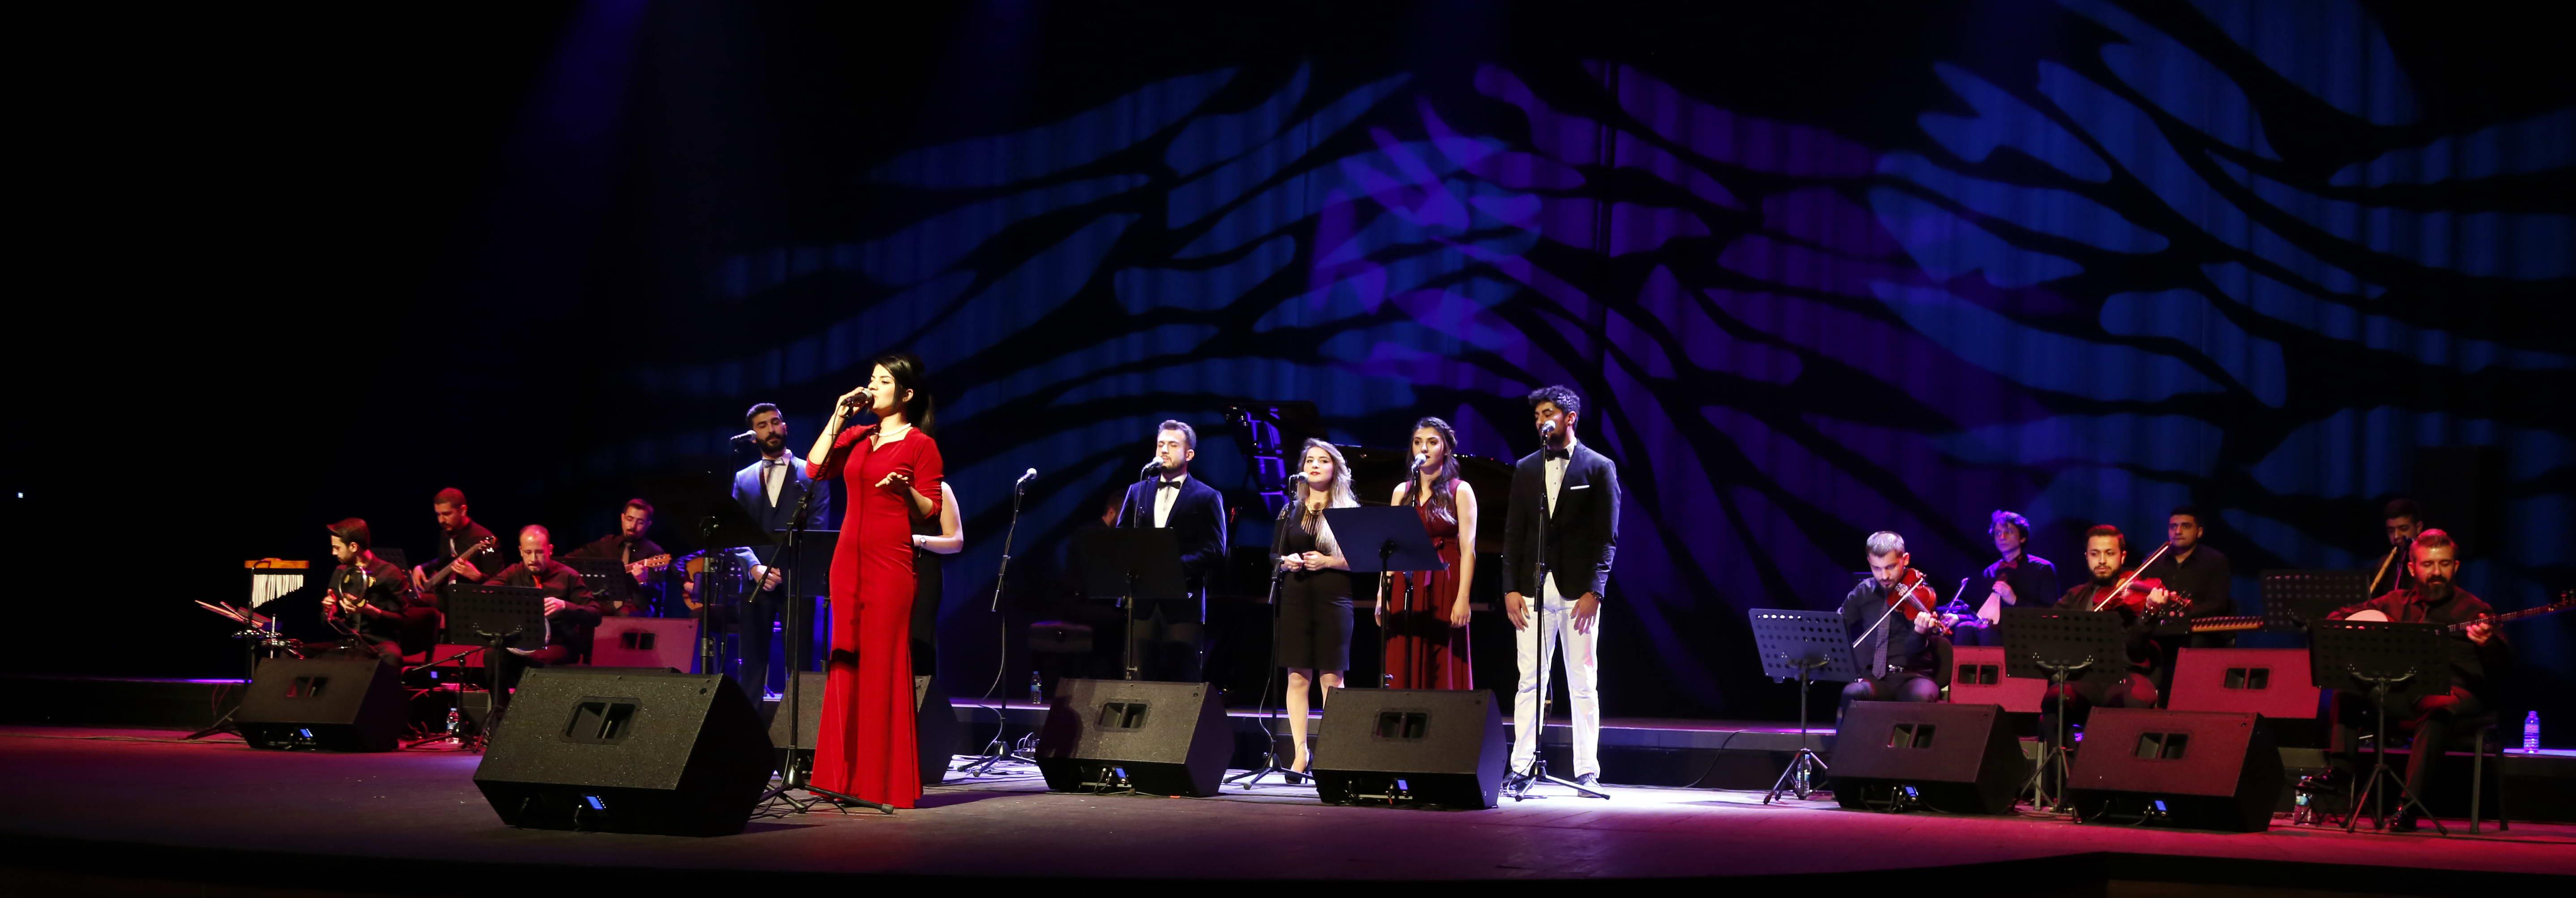 En sevilen Türk Sanat Müziği Şarkıları GAÜN'de Söylendi -  (1)